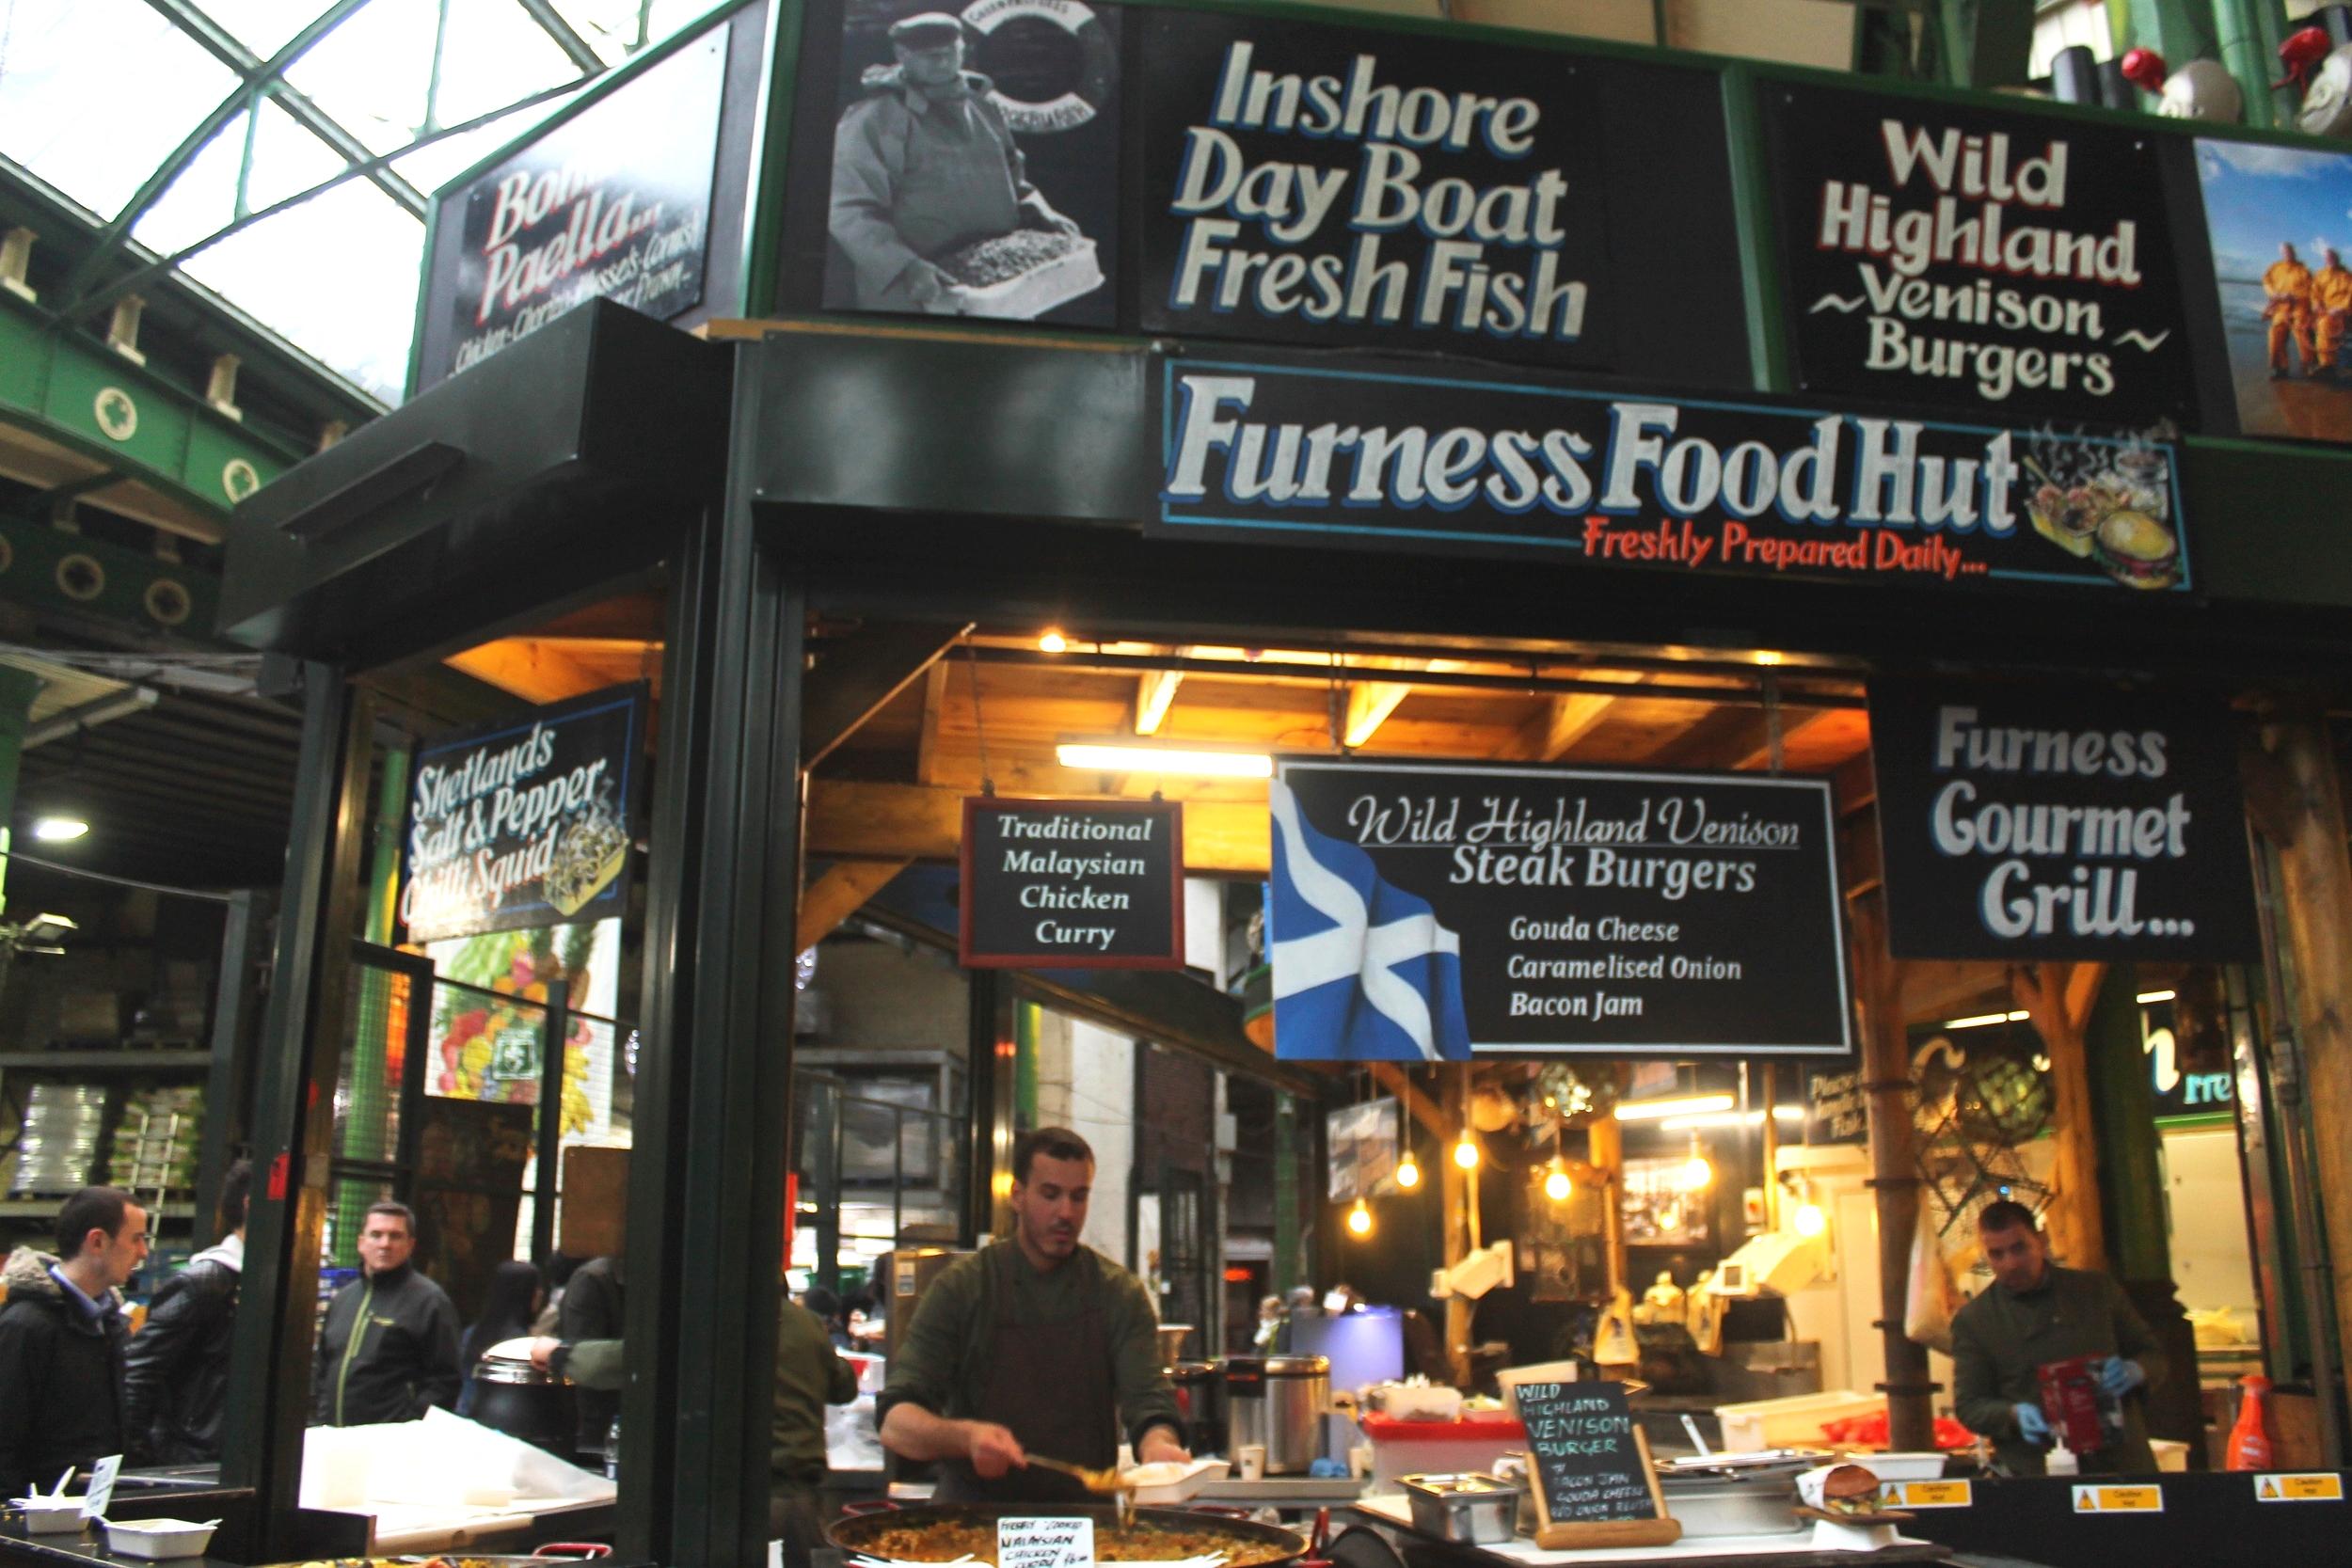 Furness Food Hut